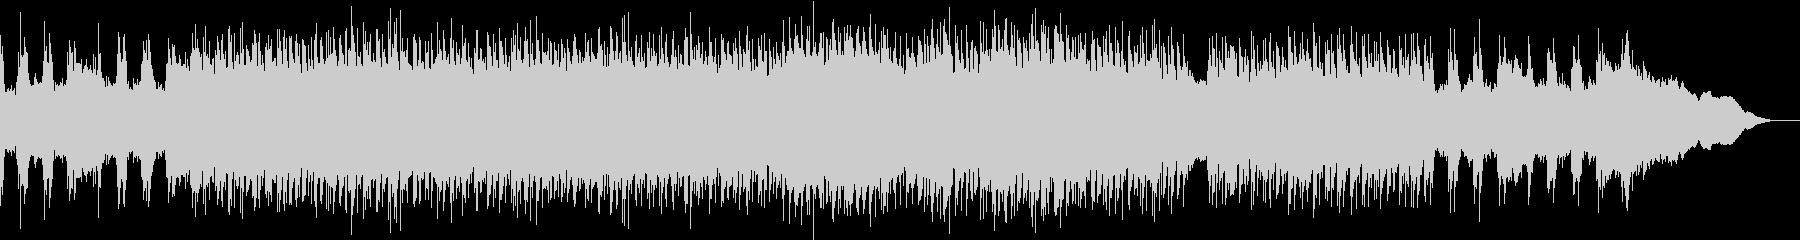 疾走感のあるハモリが特徴のロックの未再生の波形